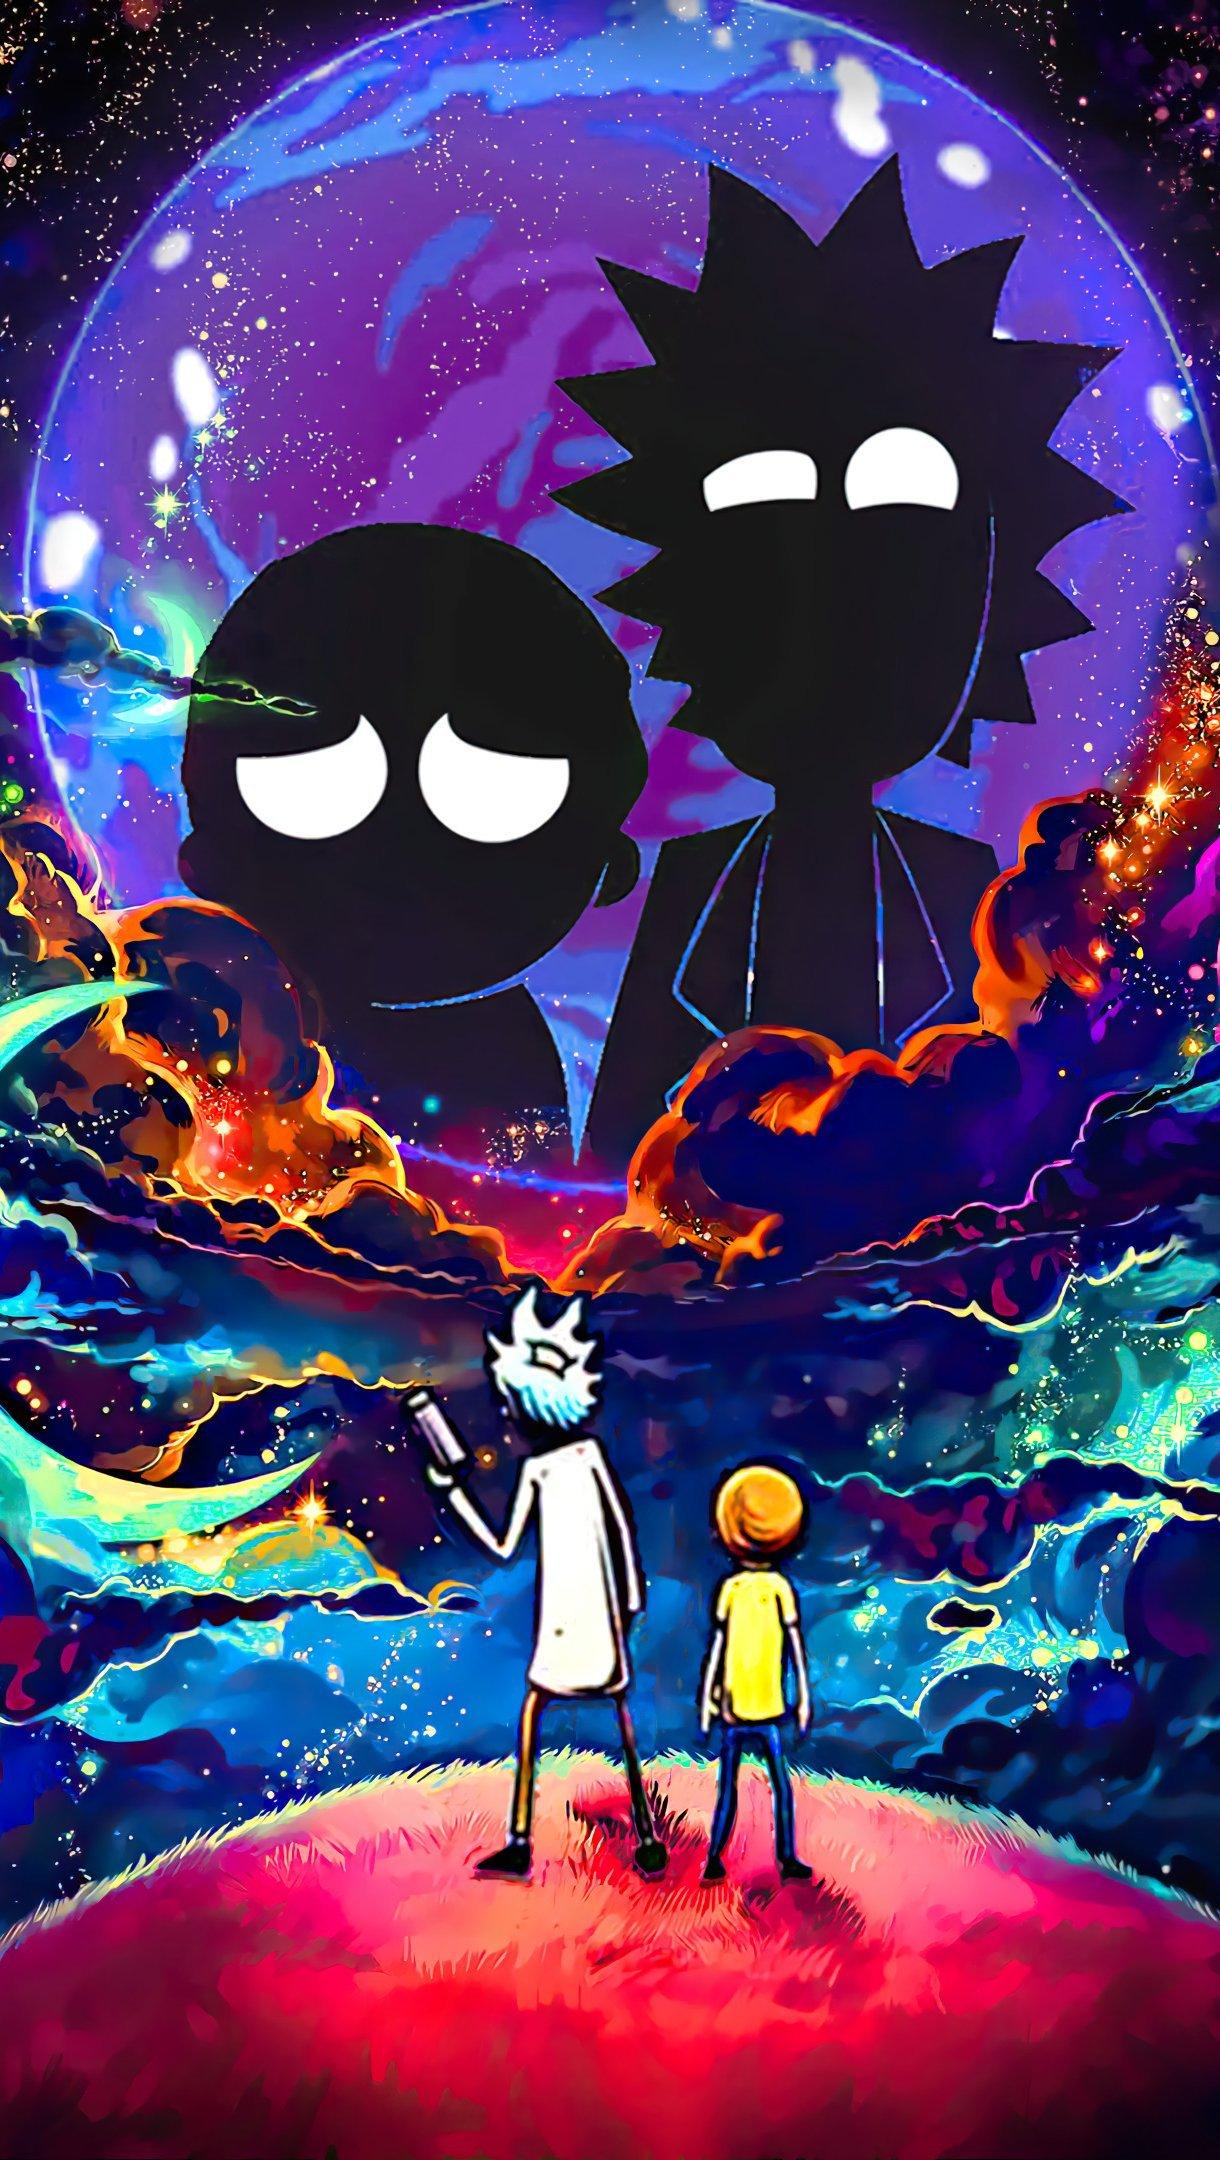 Fondos de pantalla Rick y Morty Fanart 2020 Vertical